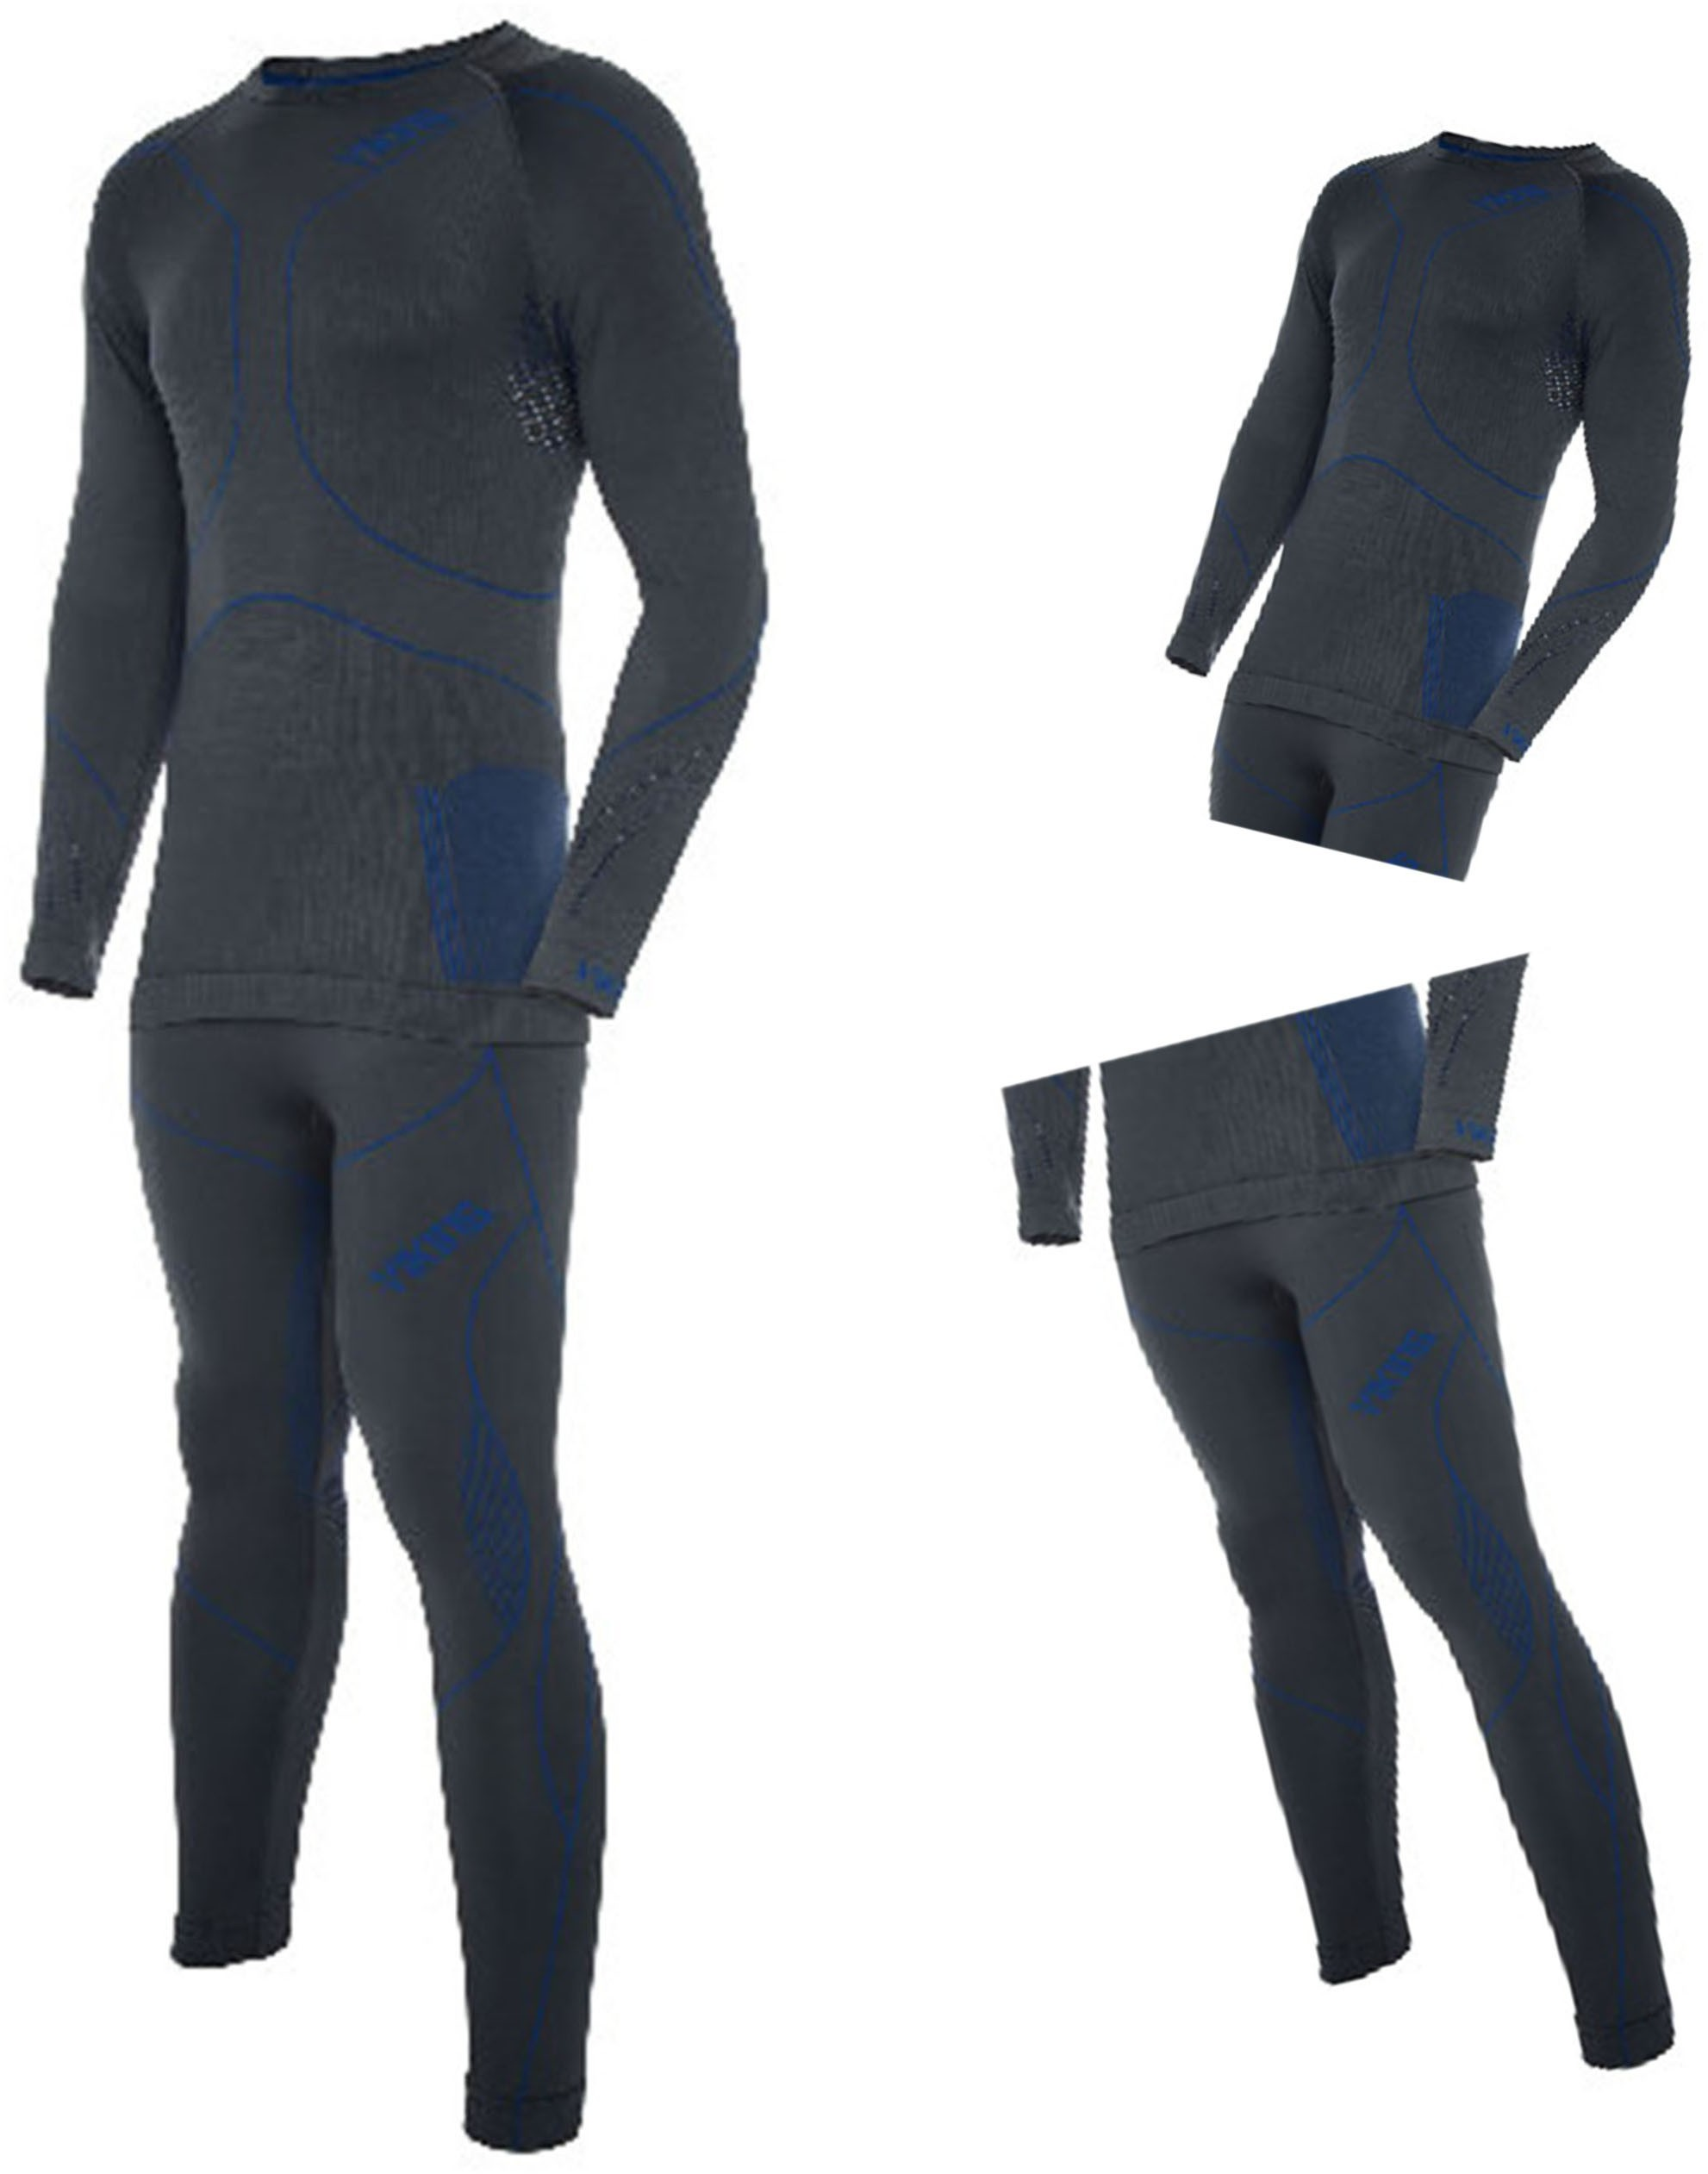 Viking Bielizna termoaktywna BRUNO męska L grafit-nieb (koszulka+spodnie) -OS-01_0389